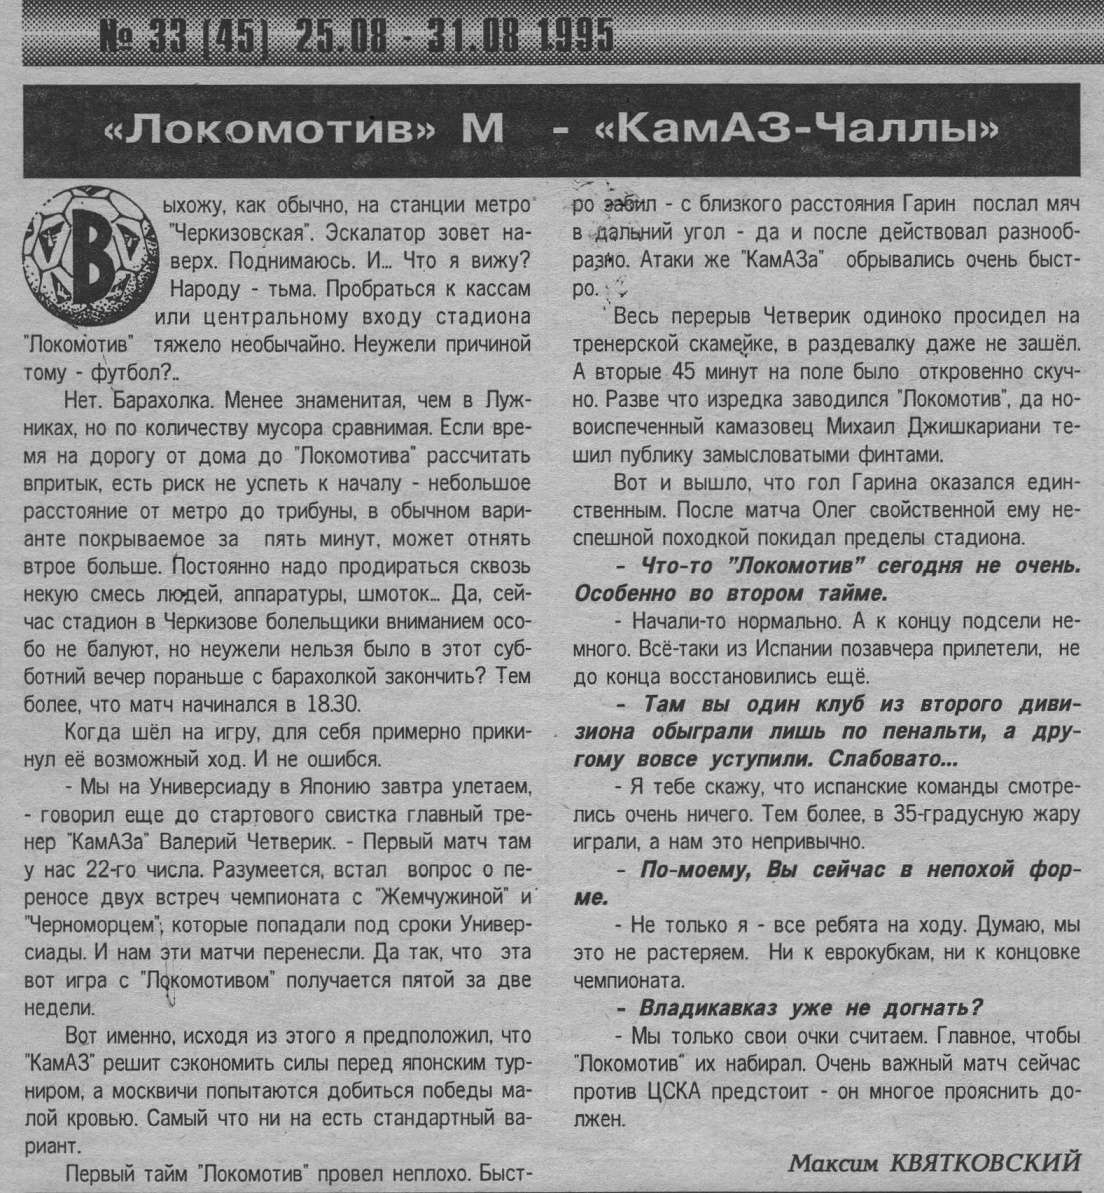 Локомотив (Москва) - КамАЗ-Чаллы (Набережные Челны) 1:0. Нажмите, чтобы посмотреть истинный размер рисунка